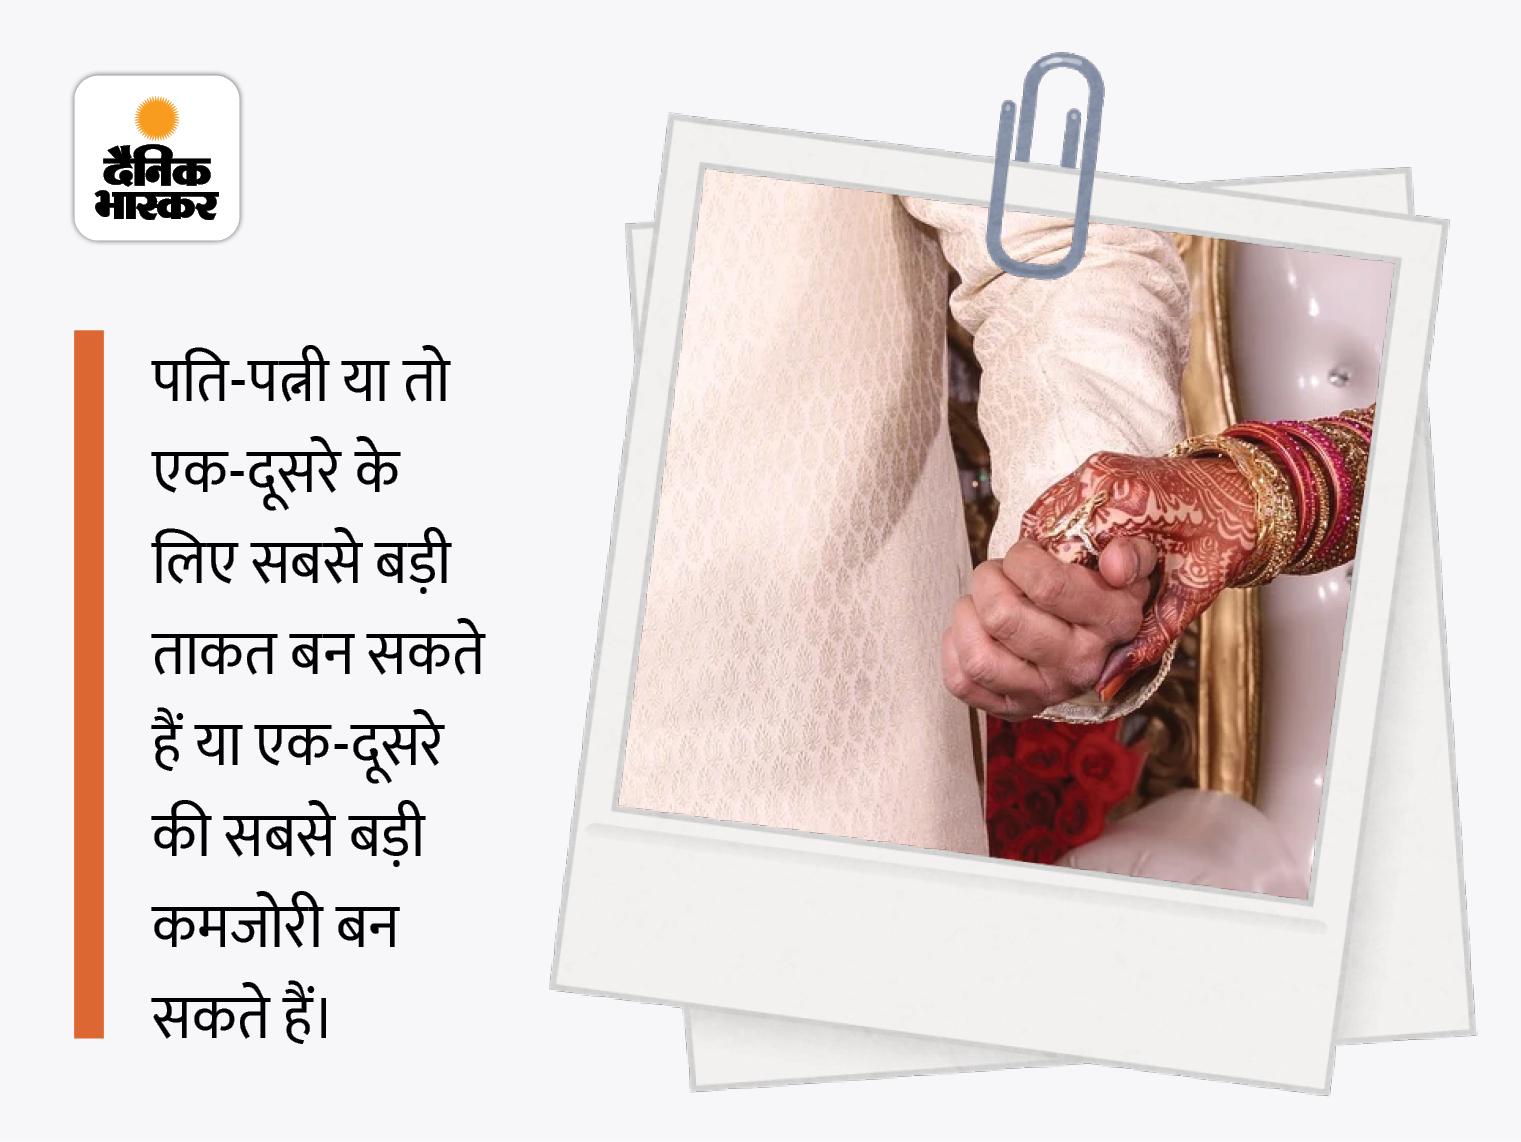 पति-पत्नी के रिश्ते में किसी विवाद में हार जीत के समान और जीत हार के समान होती है|धर्म,Dharm - Dainik Bhaskar